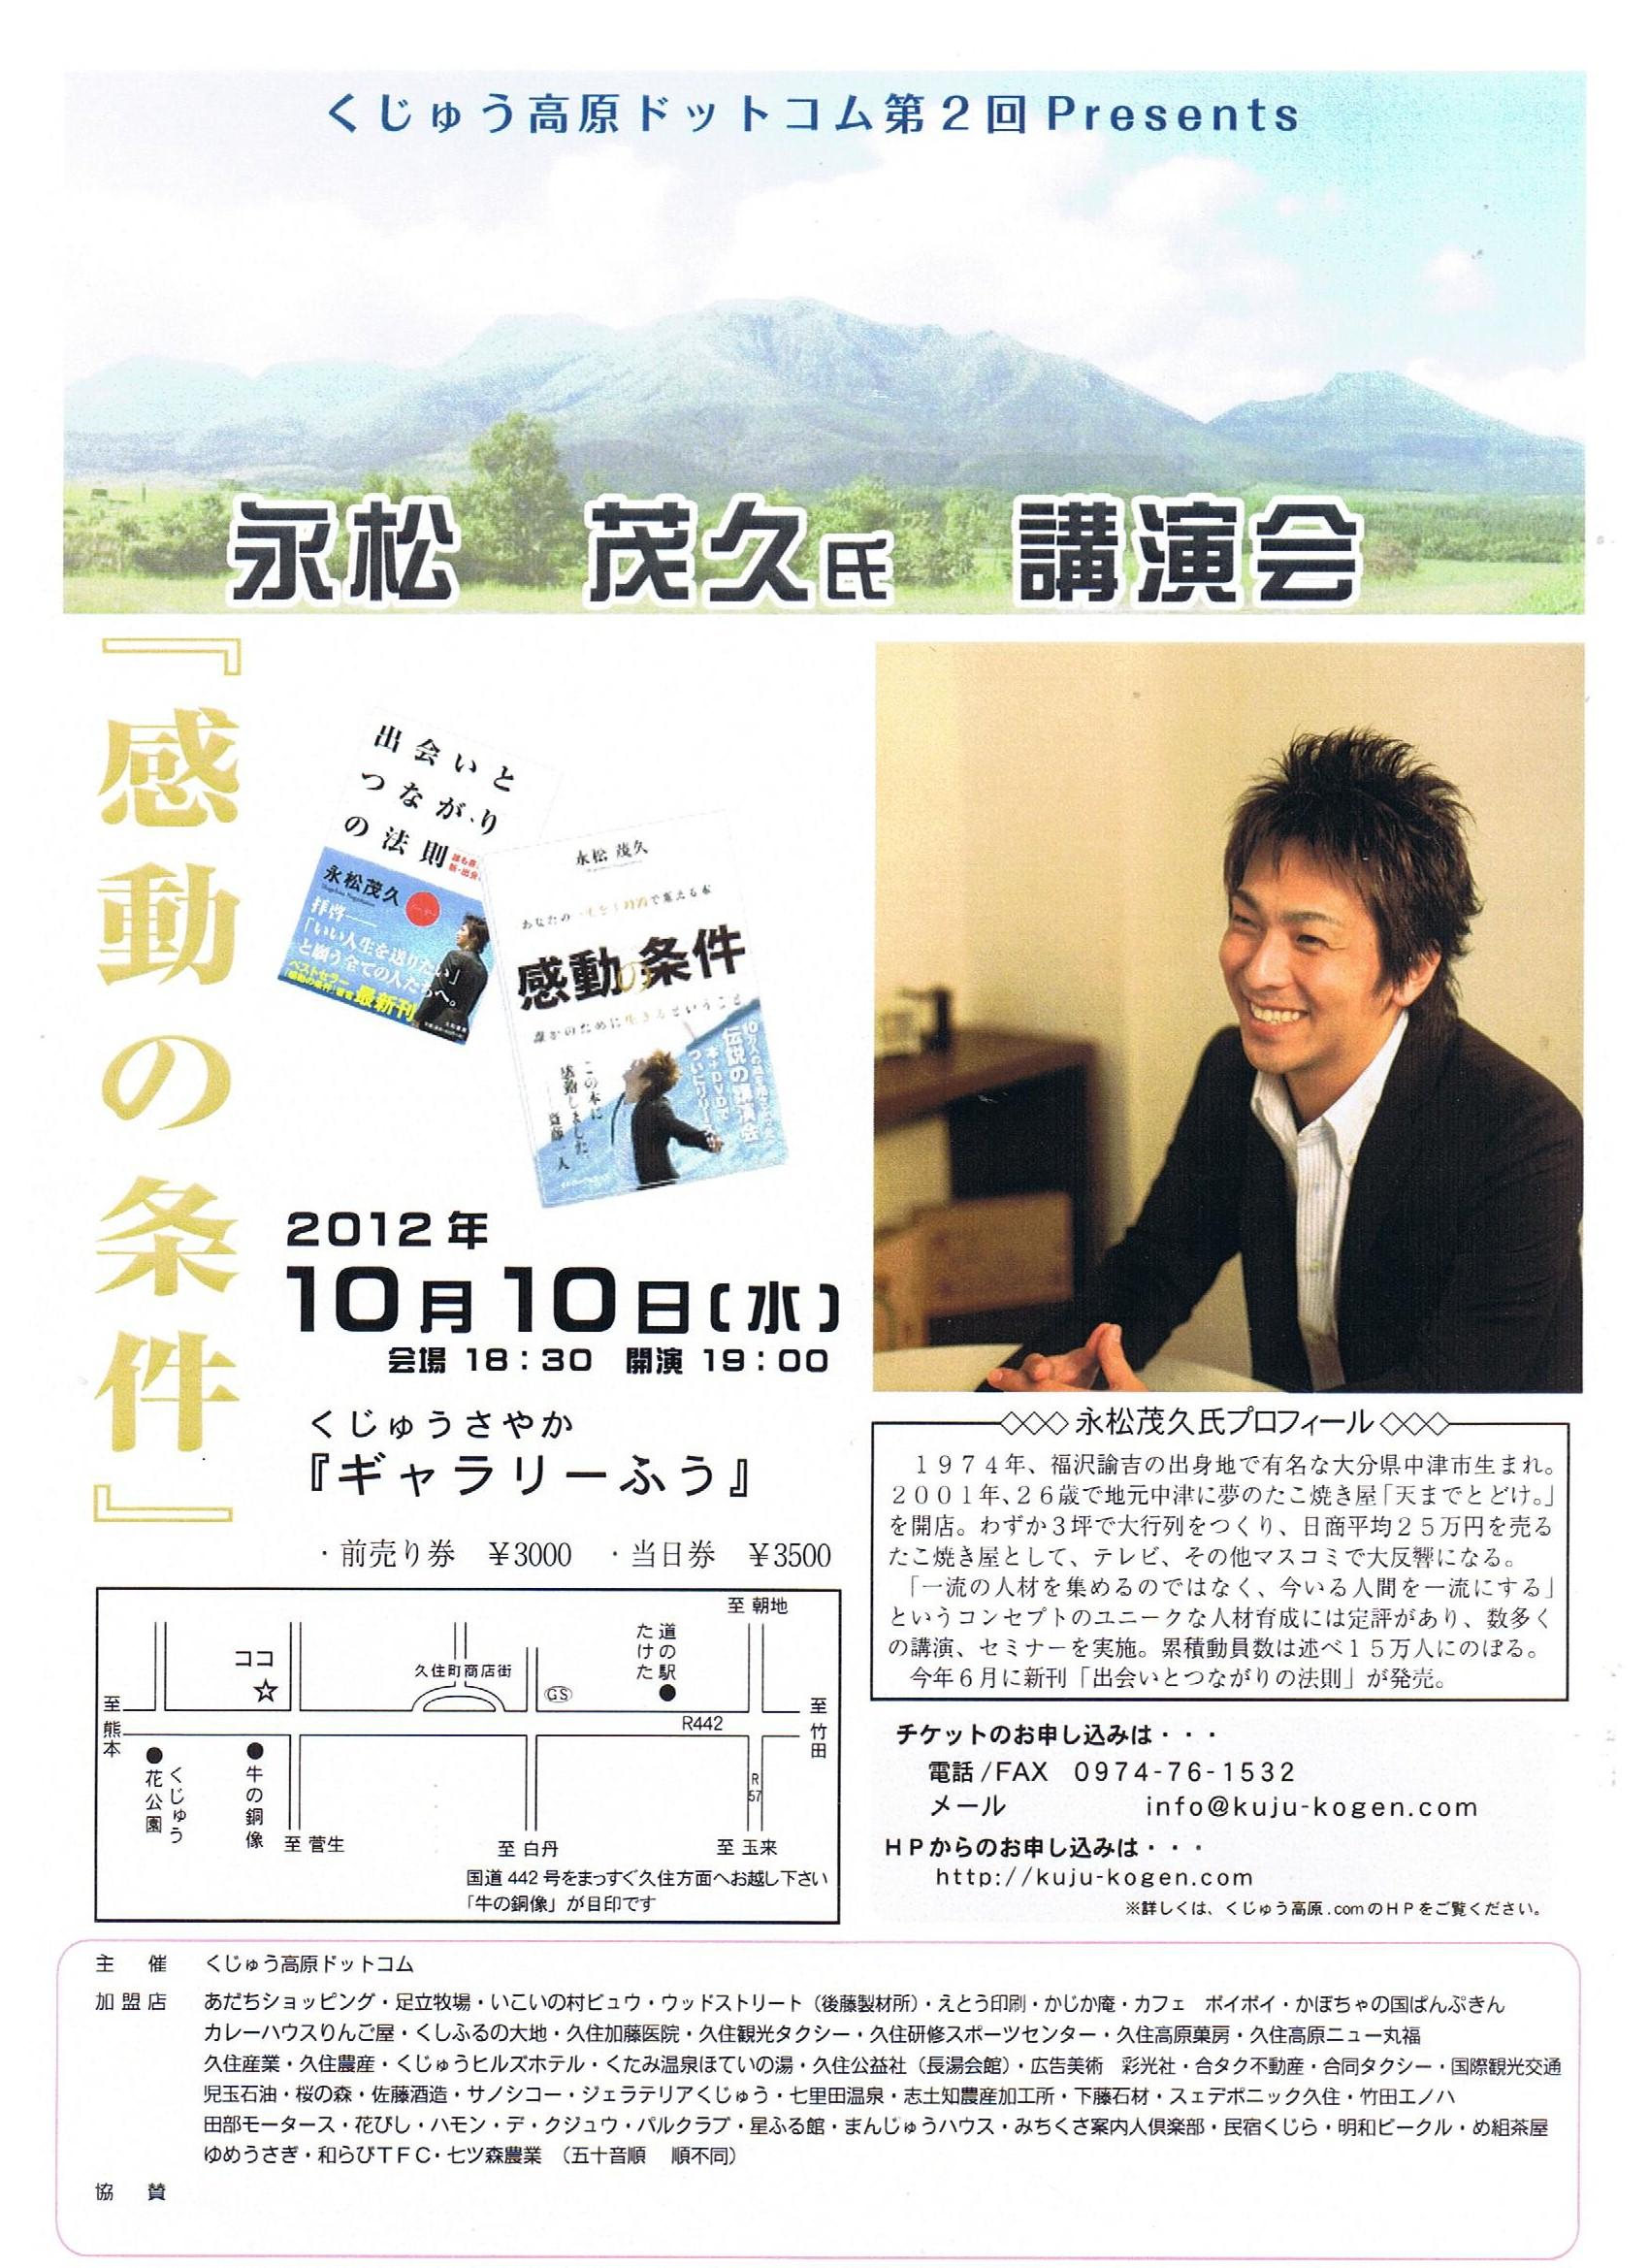 10月10日 永松茂久氏講演会のお知らせ